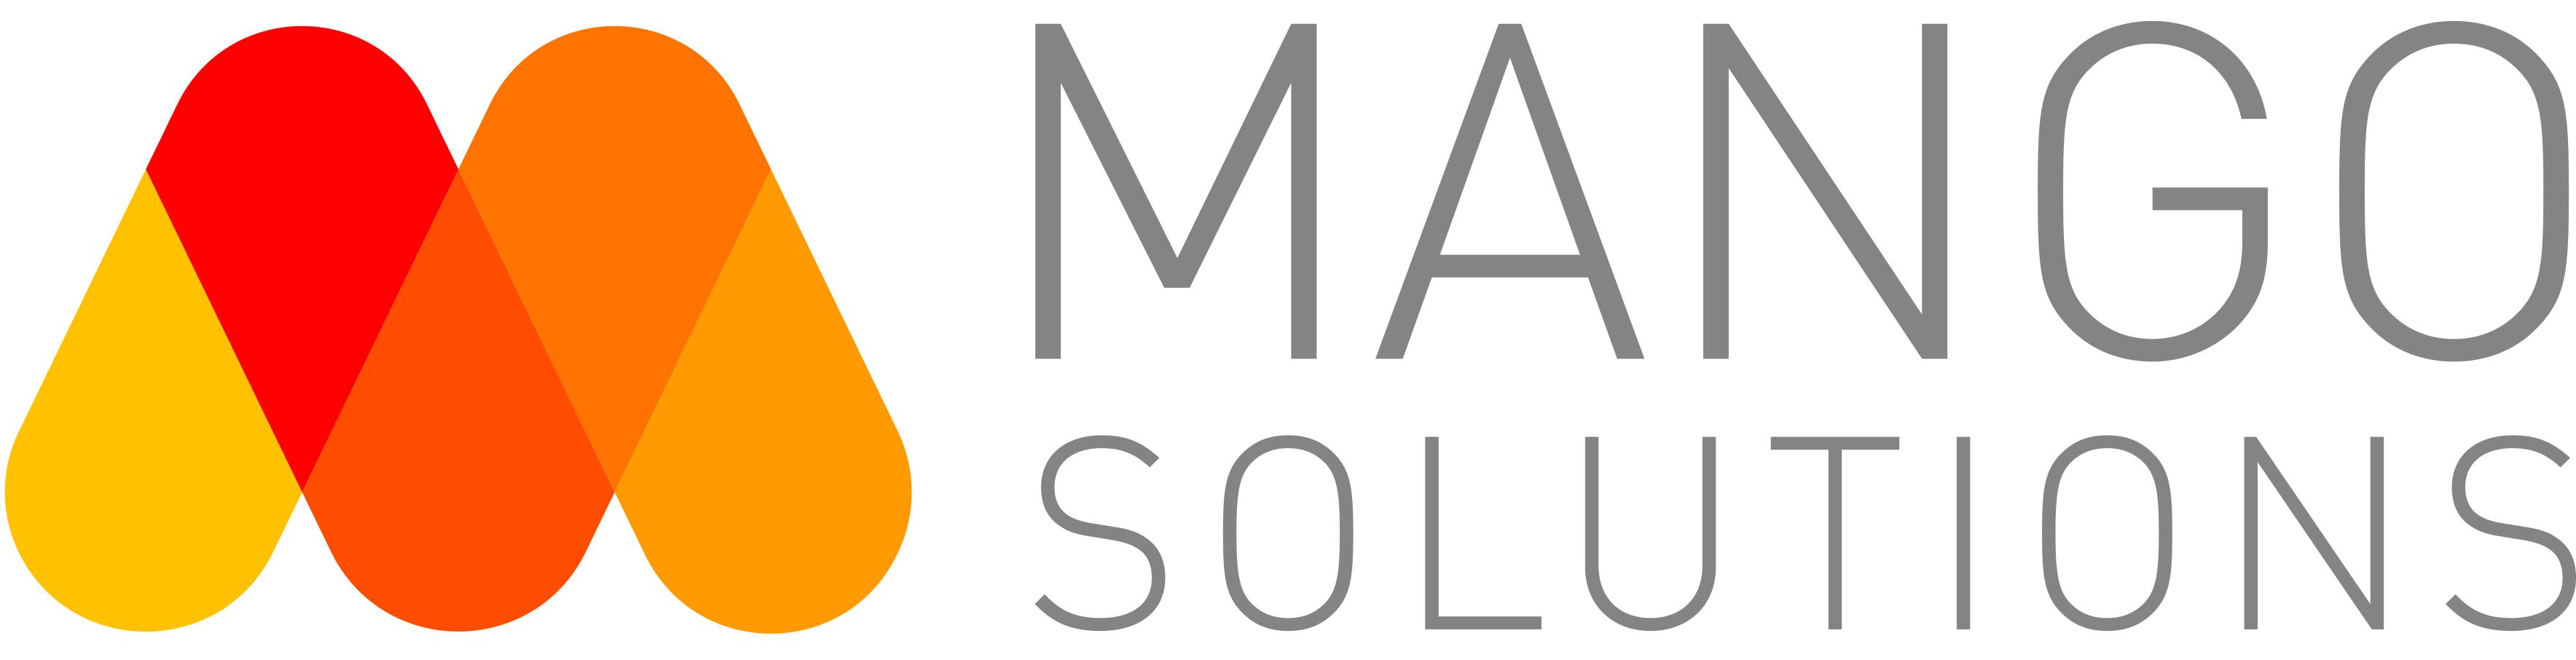 mango-logo-1